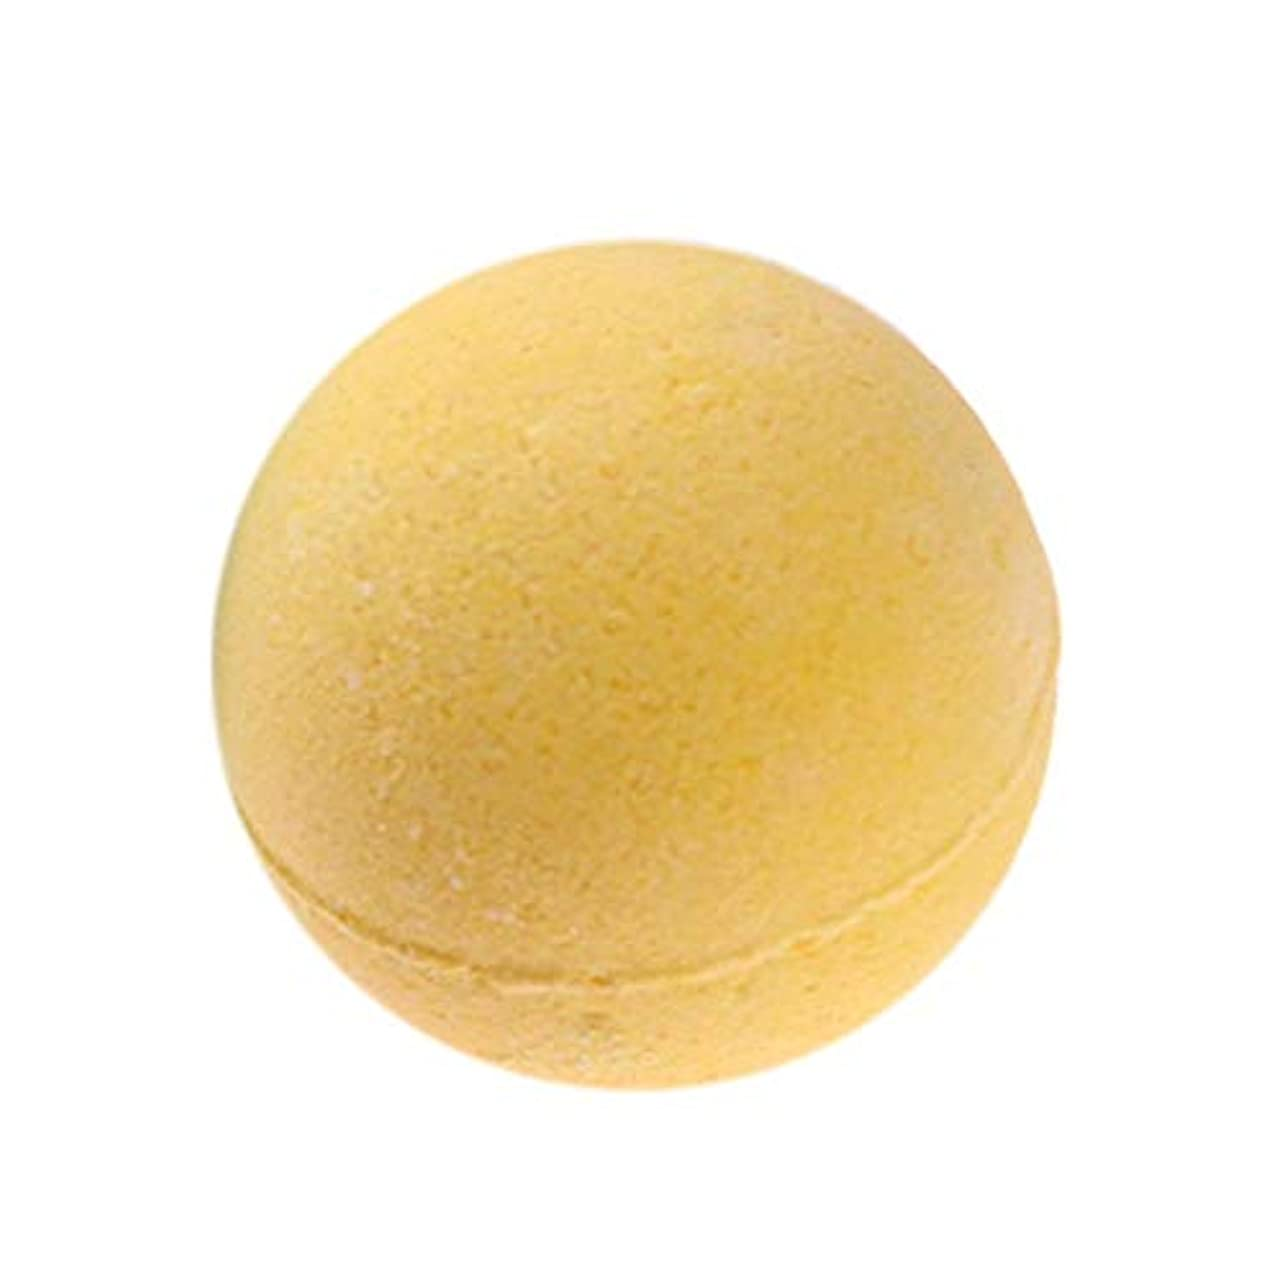 ポイントスラッシュカスタムバスボール ボディスキンホワイトニング バスソルト リラックス ストレスリリーフ バブルシャワー 爆弾ボール 1pc Lushandy